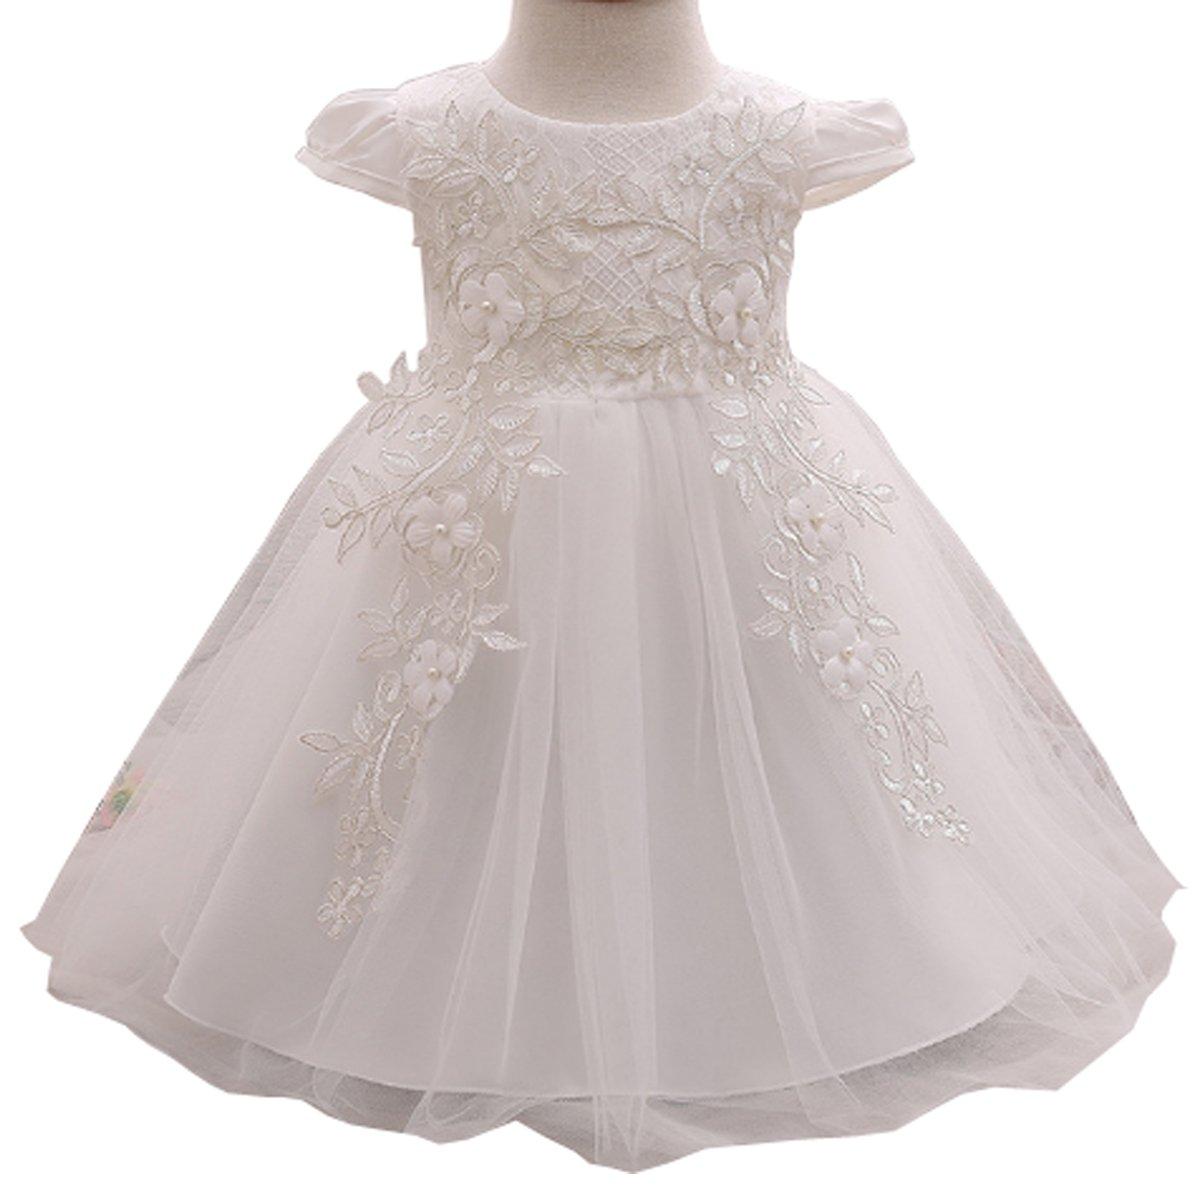 Baby Girl Embroidered 3D Flower Dress Christening Baptism Gowns Girl Tutu Dress White)